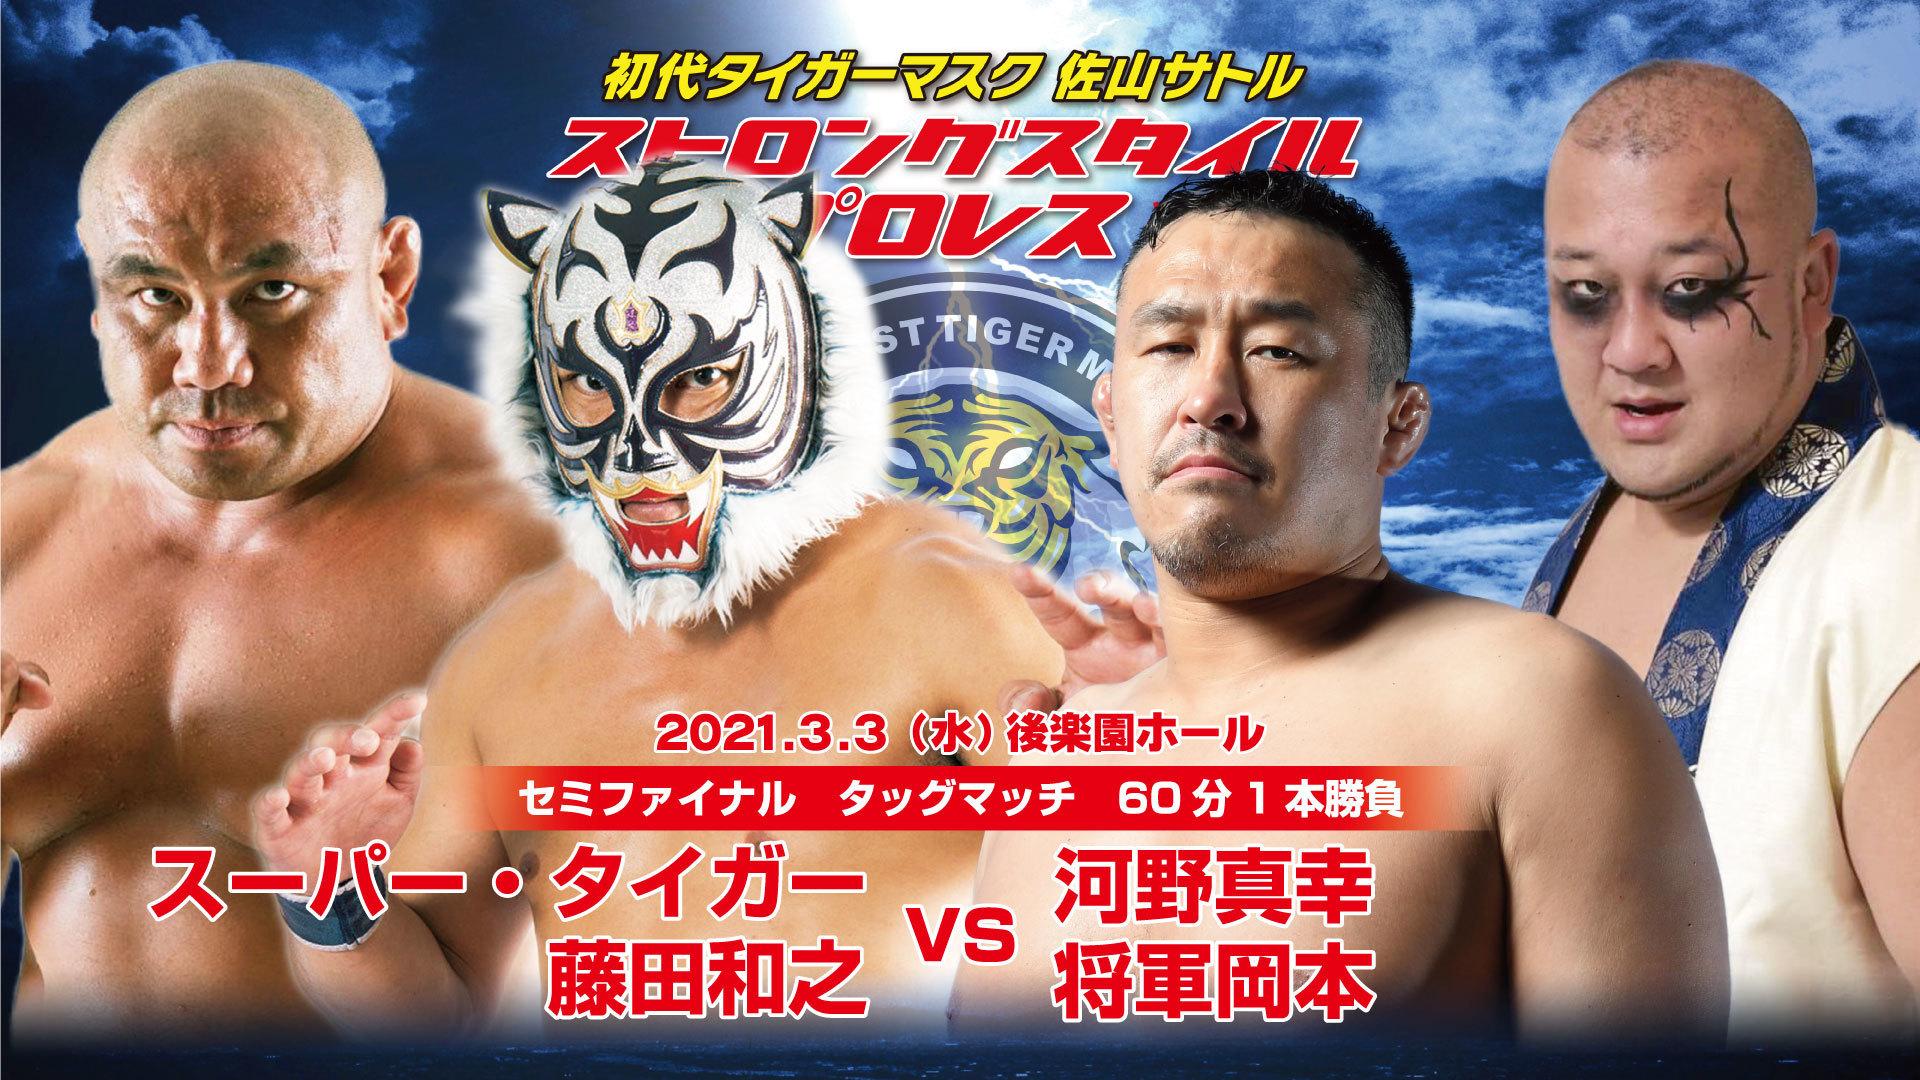 スーパー・タイガーが怨敵・藤田とタッグを結成。どんなファイトとなるのか予想がつかない